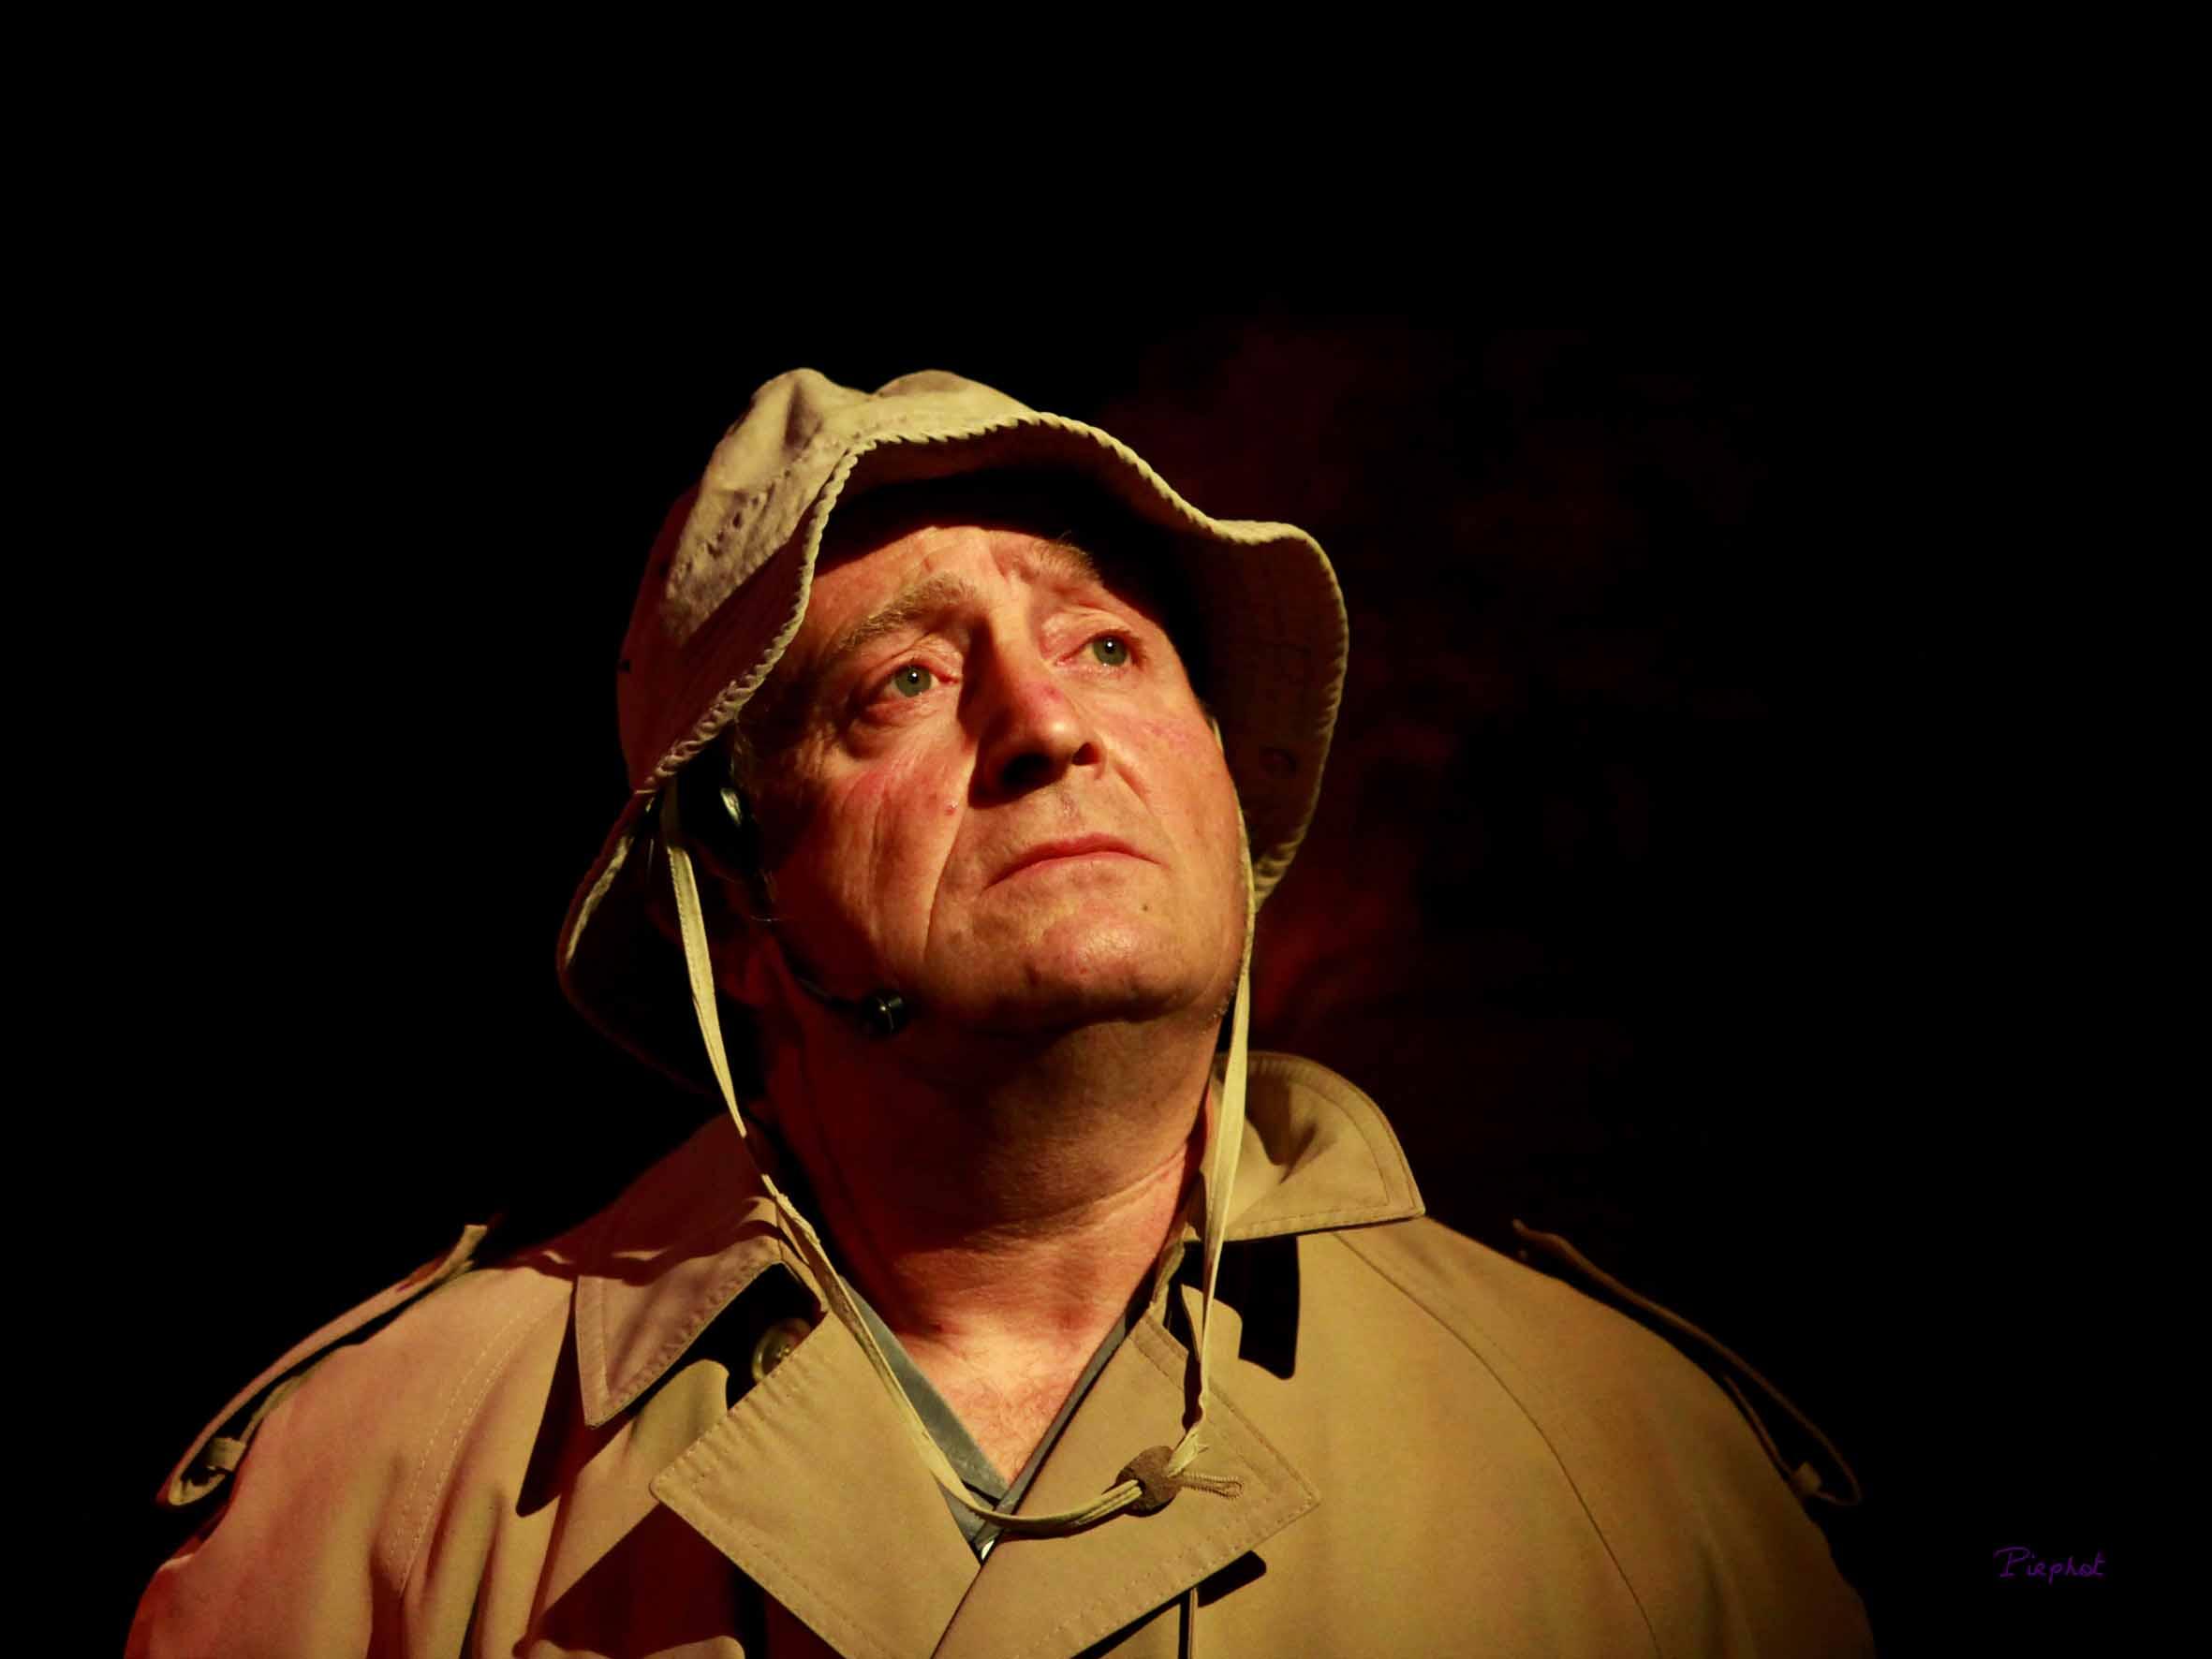 Philippe Blaszkiewicz dans Poussières d'est, spectacle de la Mascara en 2015